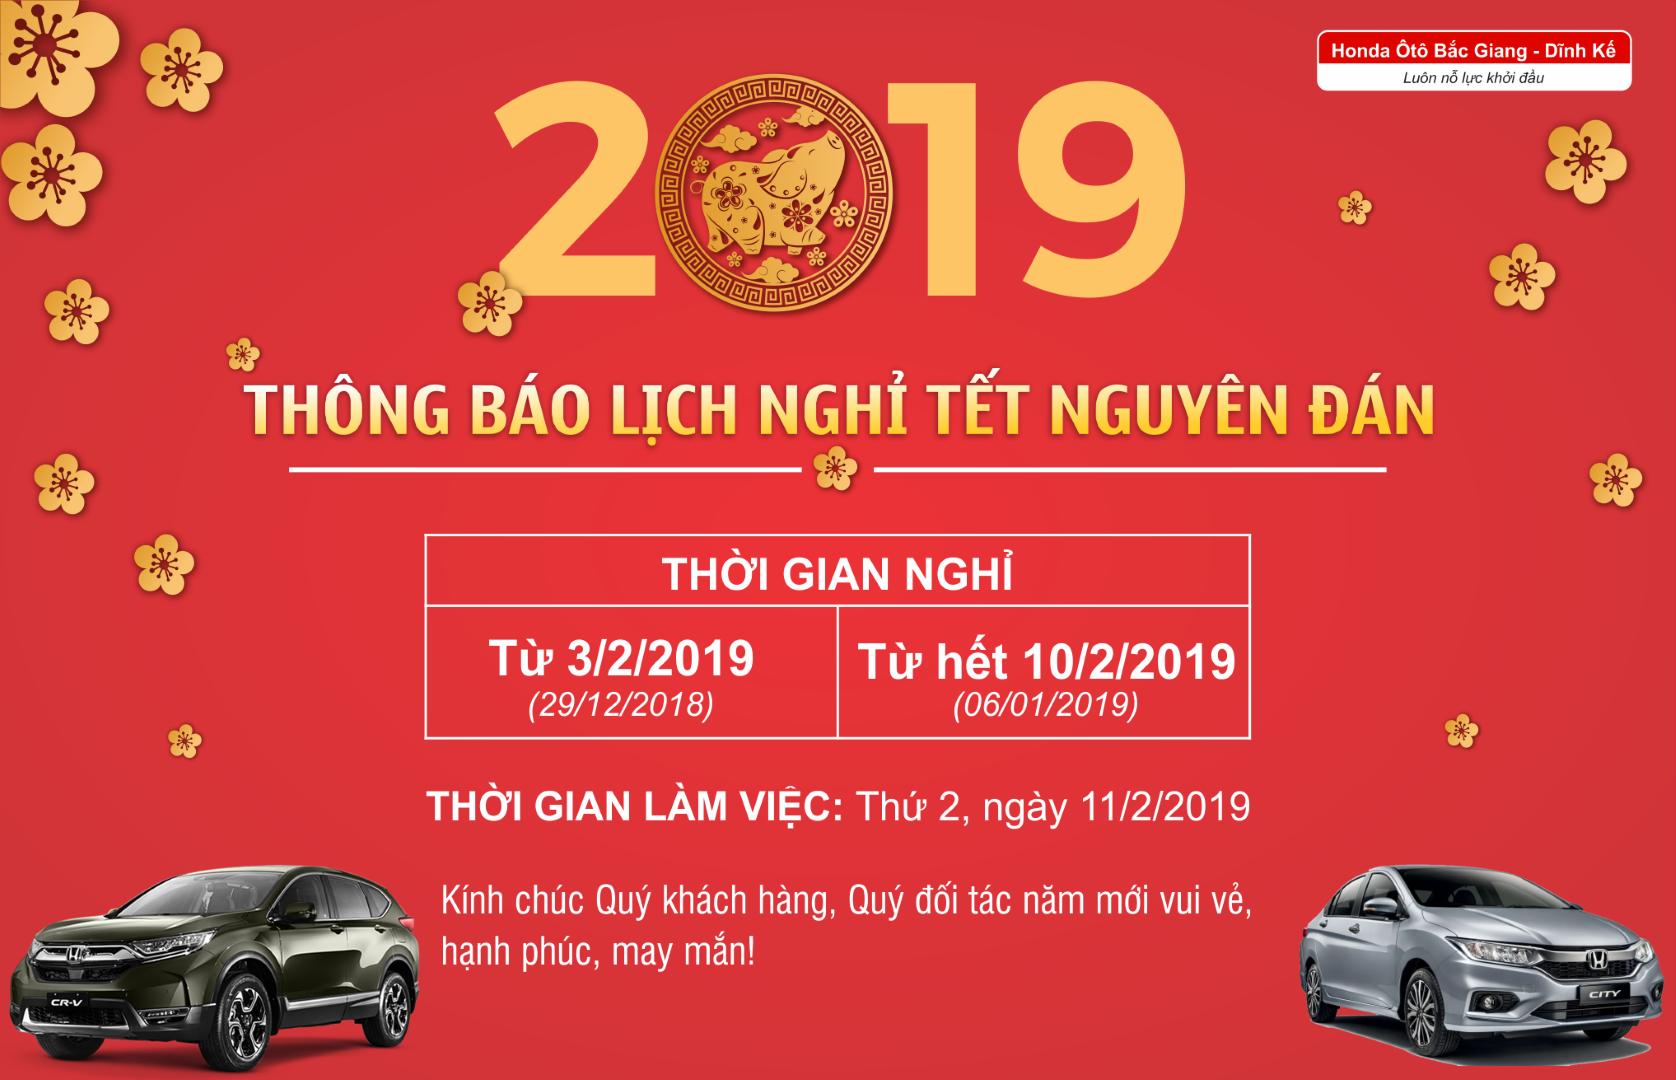 banner_thong_bao_nghi_tet_am_lich_2019_hbgg